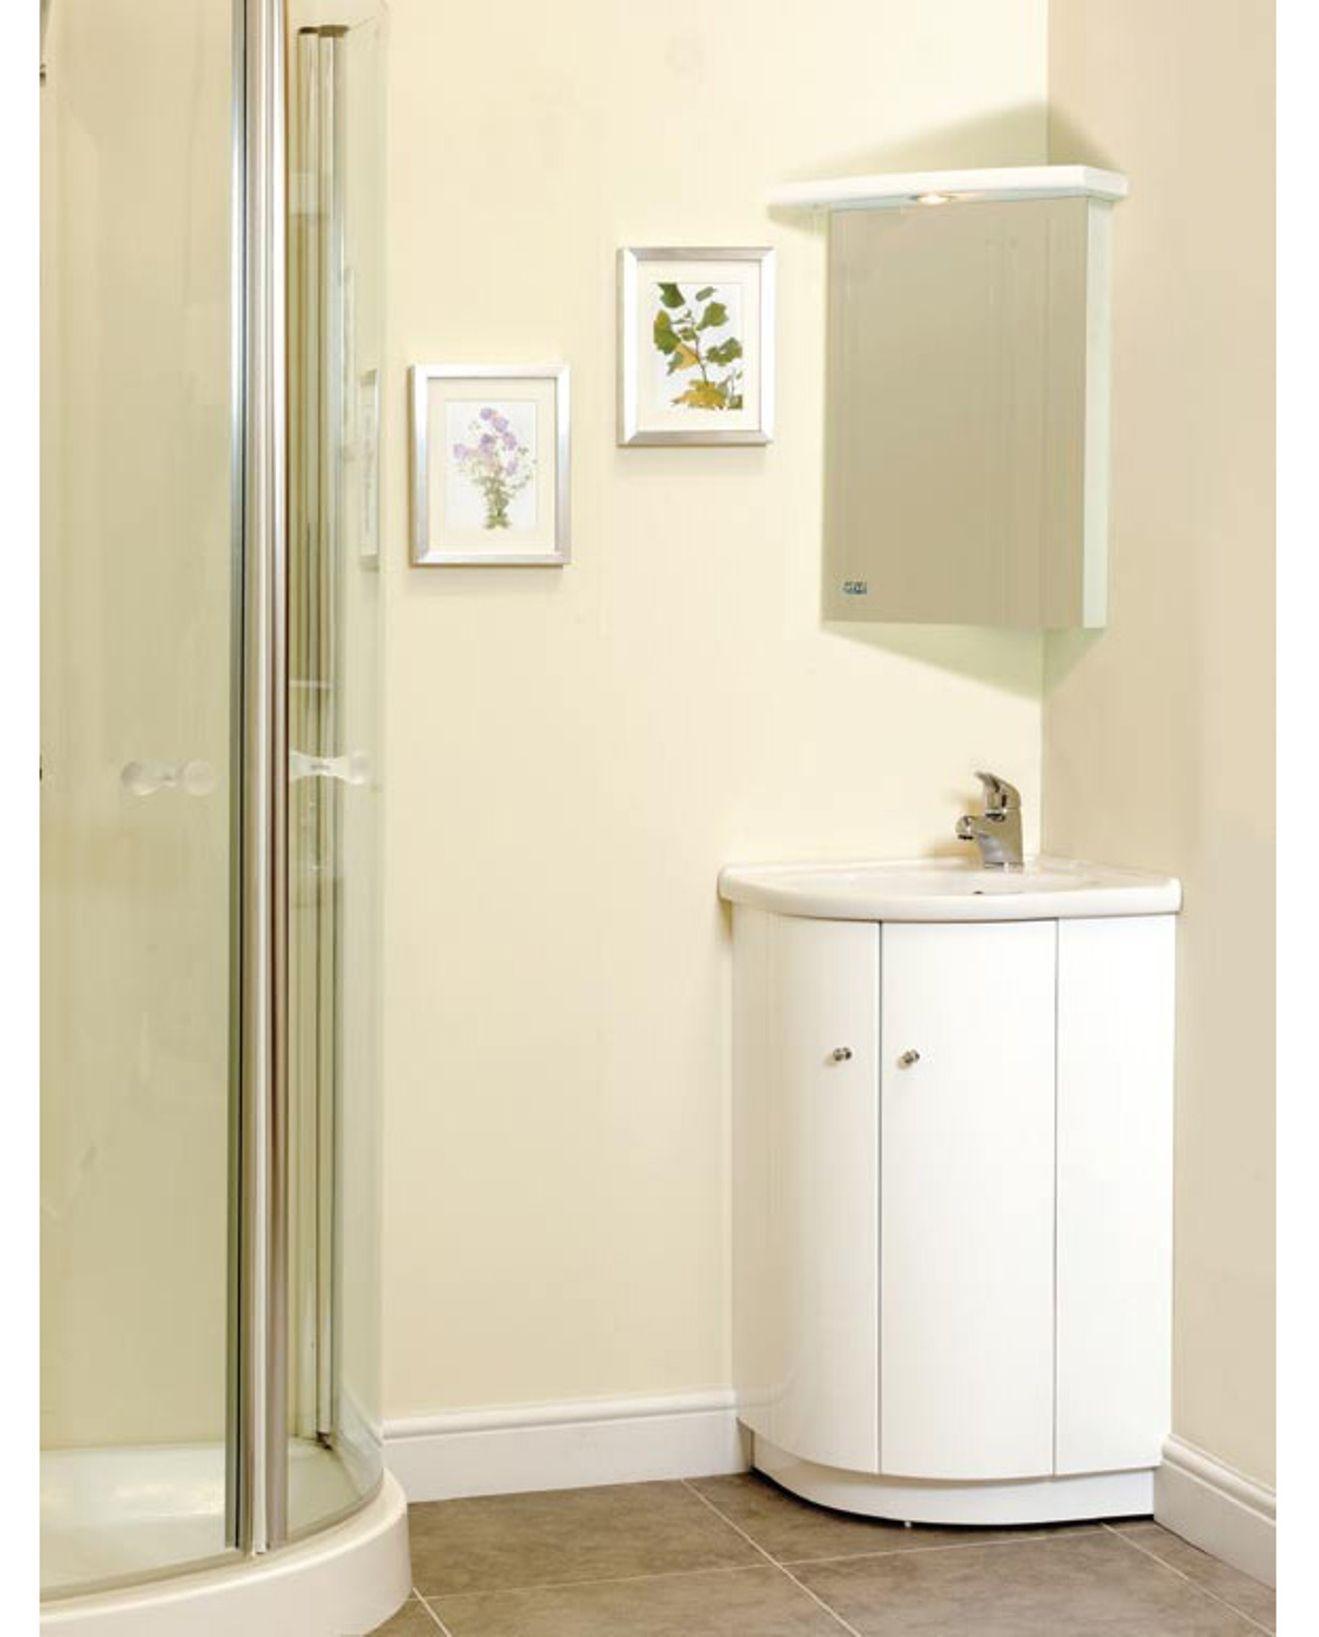 10 Budget Friendly Diy Vanity Mirror Ideas Diy Vanity Mirror With Led Lights Bathroom Bathroom Mirrors Diy Corner Bathroom Vanity Bathroom Vanity Renovation